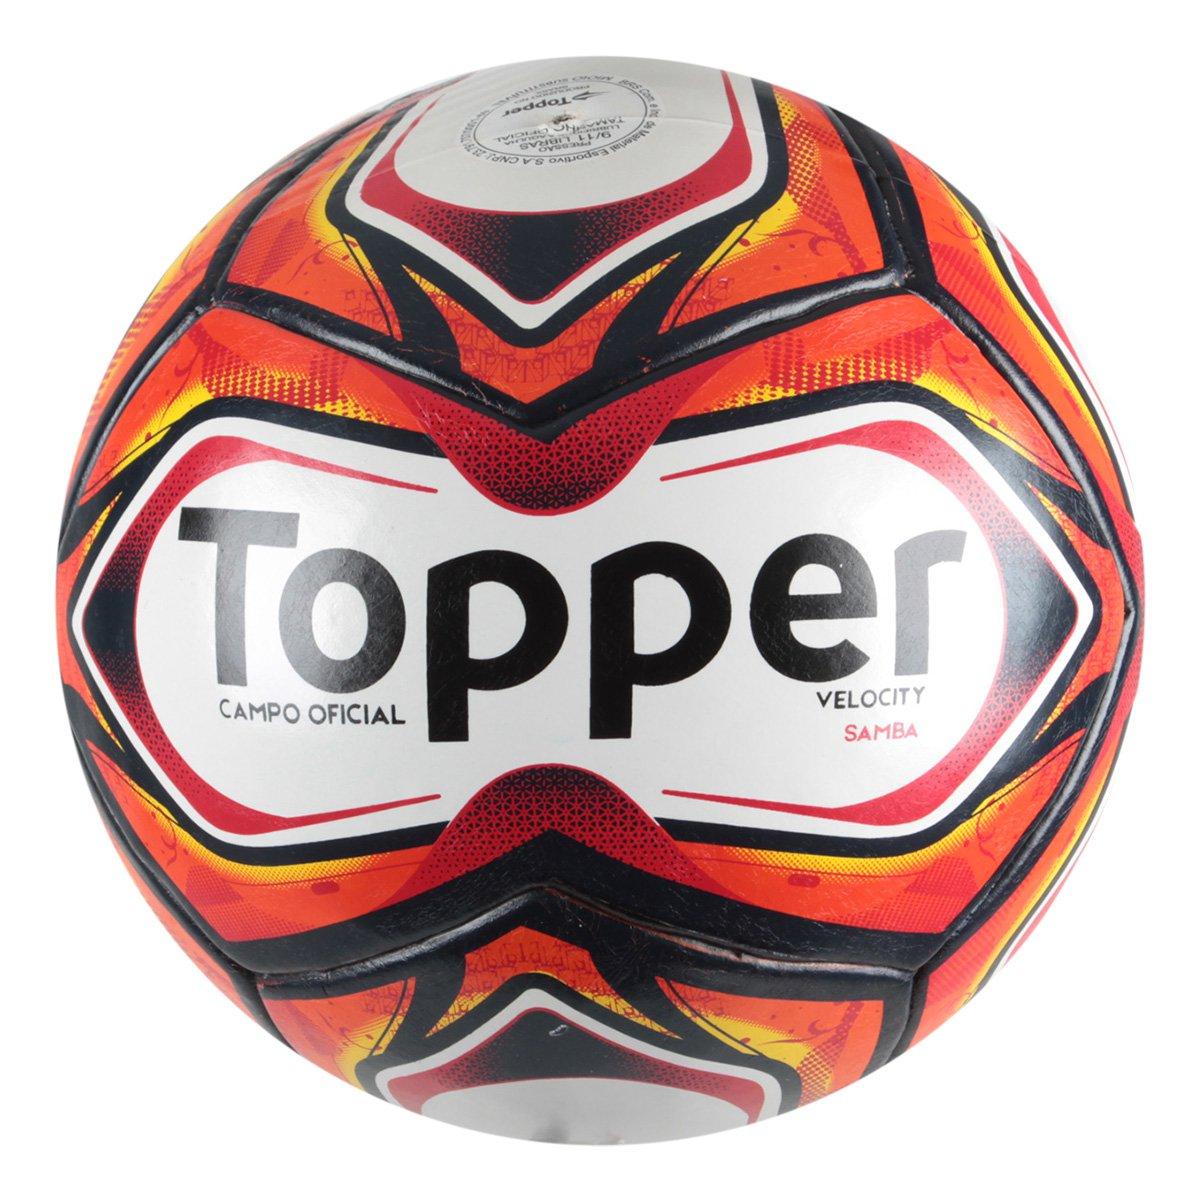 ab0c9a46a5f95 Bola de Futebol Campo Samba TD1 Pro Topper - Compre Agora